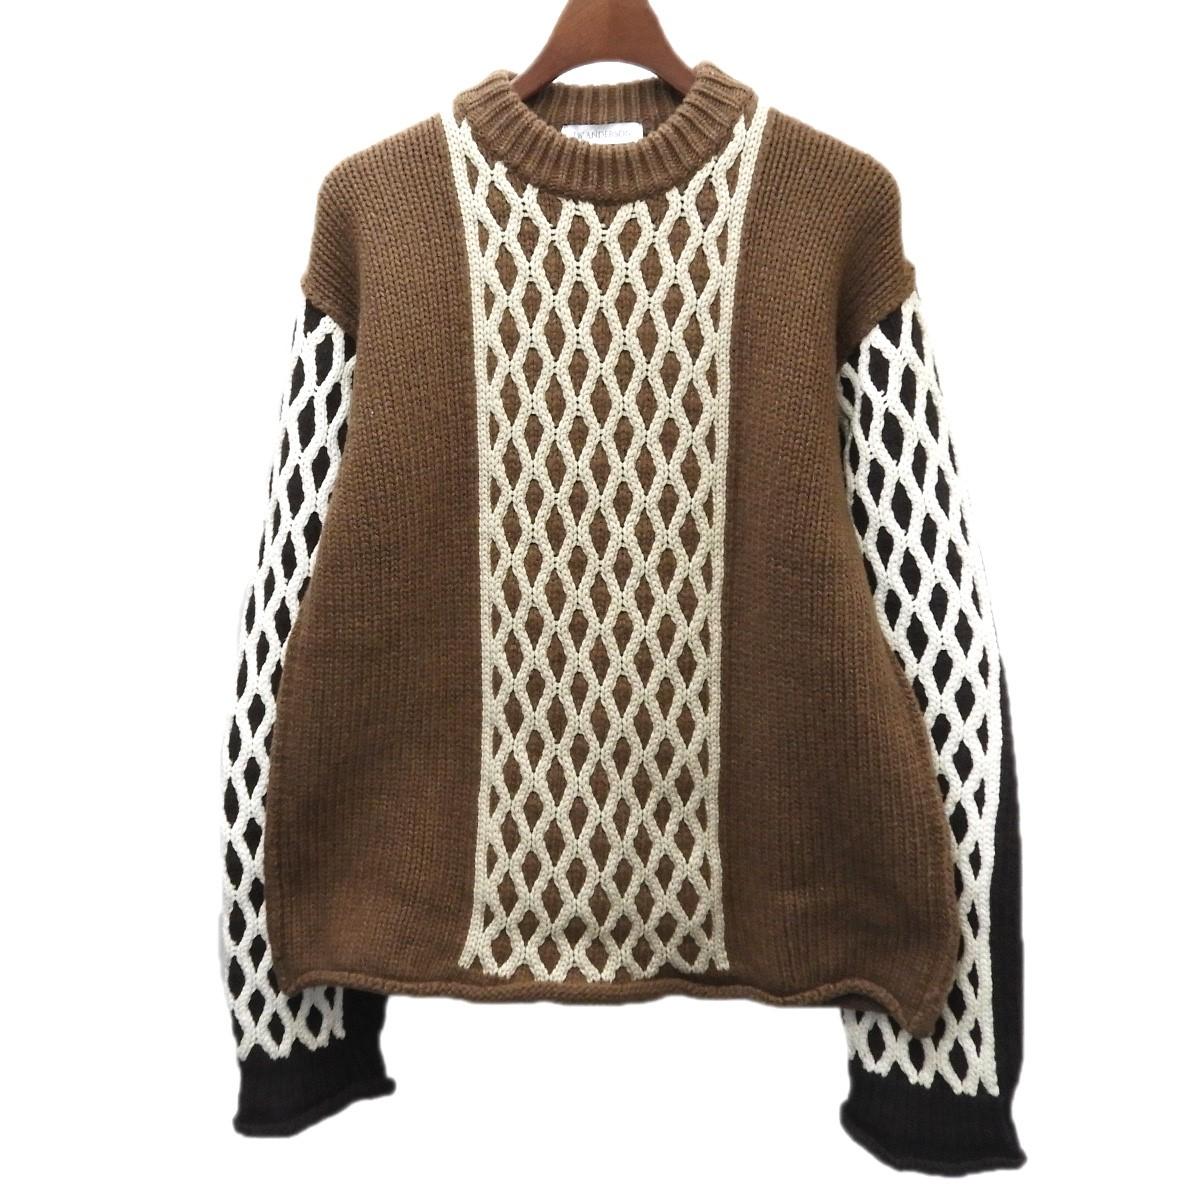 【中古】J.W.Anderson デザインニットセーター ブラウン サイズ:S 【220320】(ジョナサンウィリアムアンダーソン)